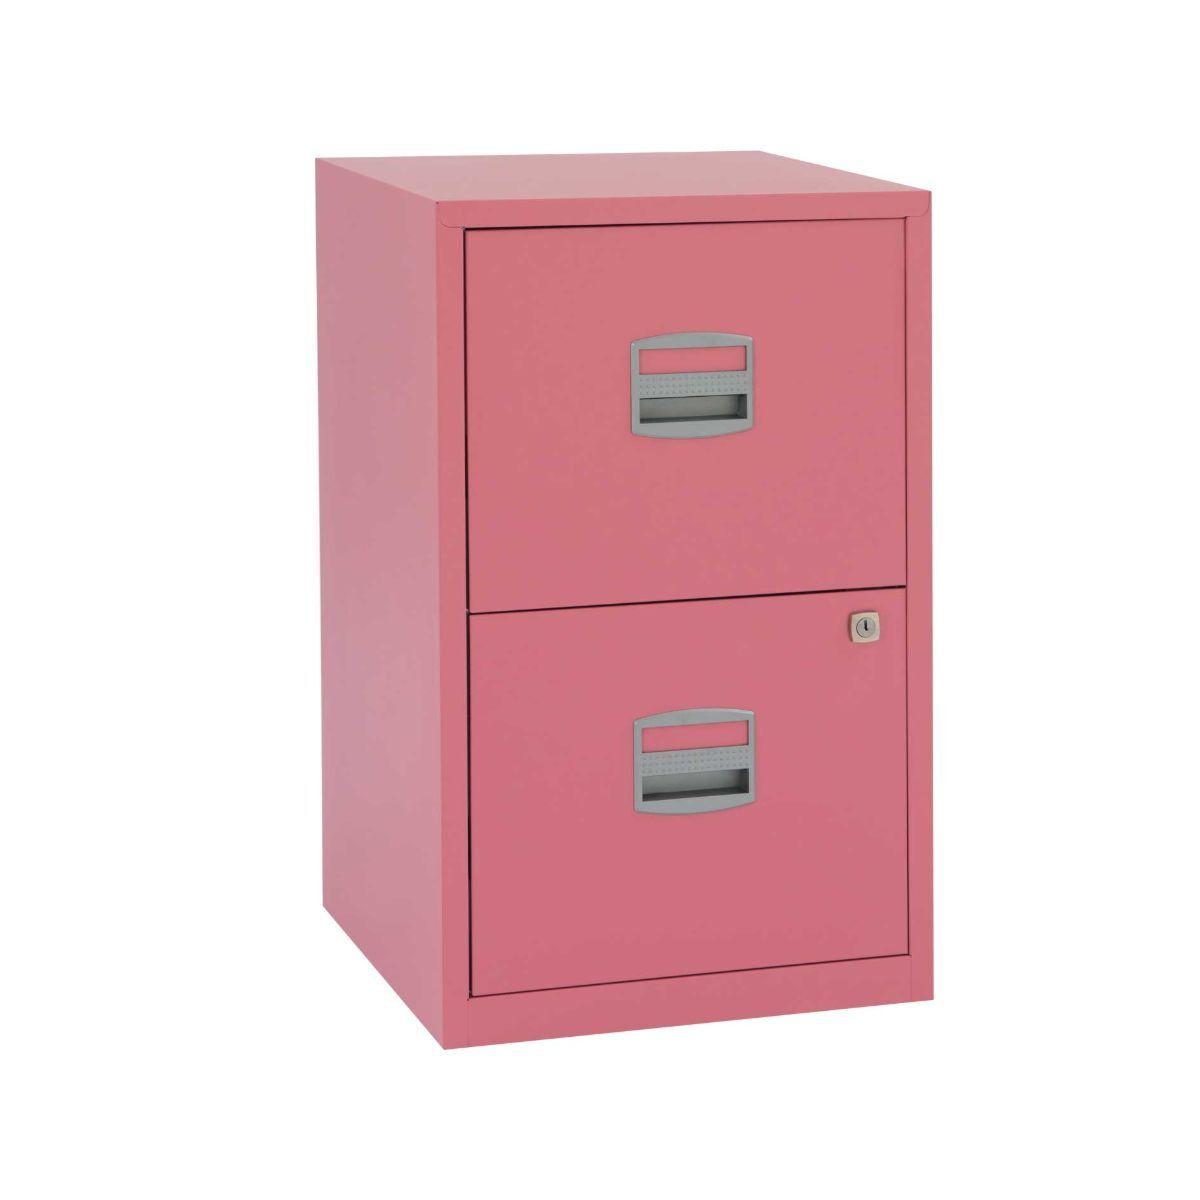 Bisley Metal Filing Cabinet 2 Drawer A4 Pink